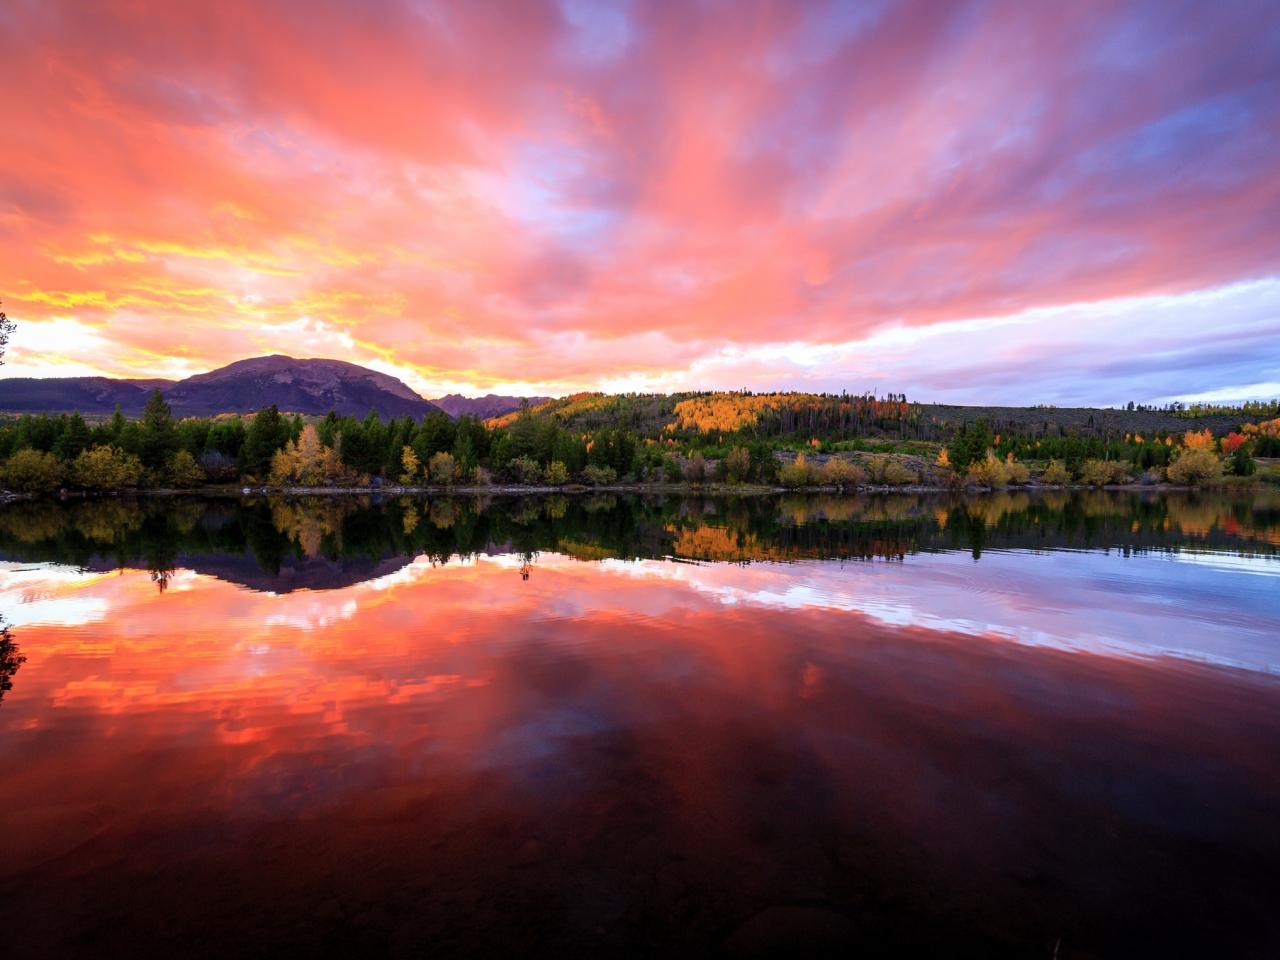 Bellos reflejos en un lago - 1280x960